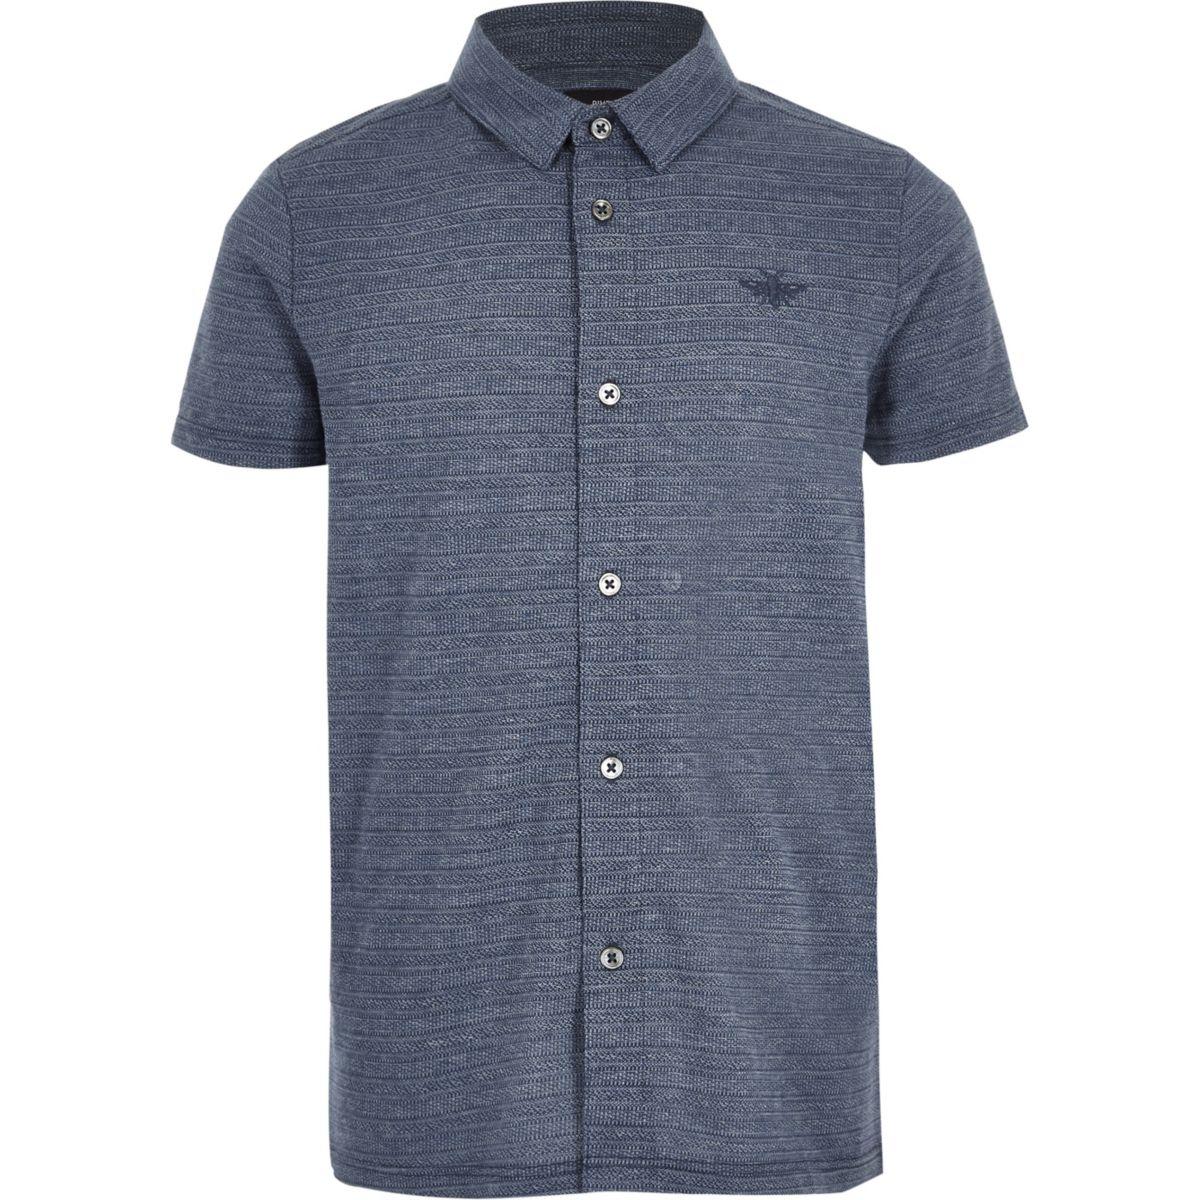 Boys blue pique textured button-up polo shirt